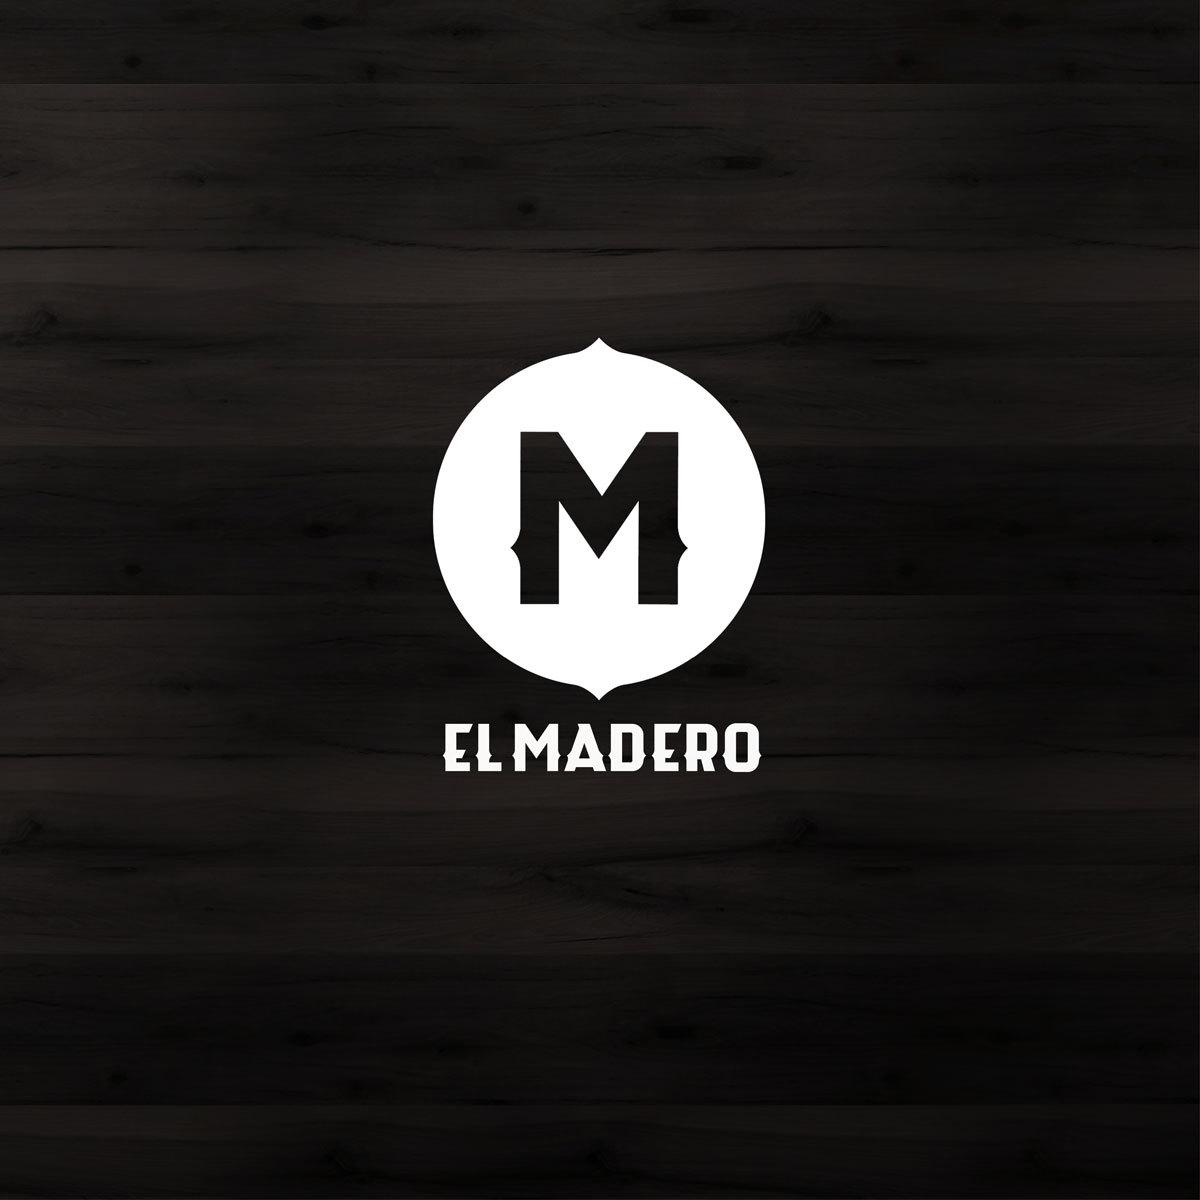 El Madero 00 MHG Bern